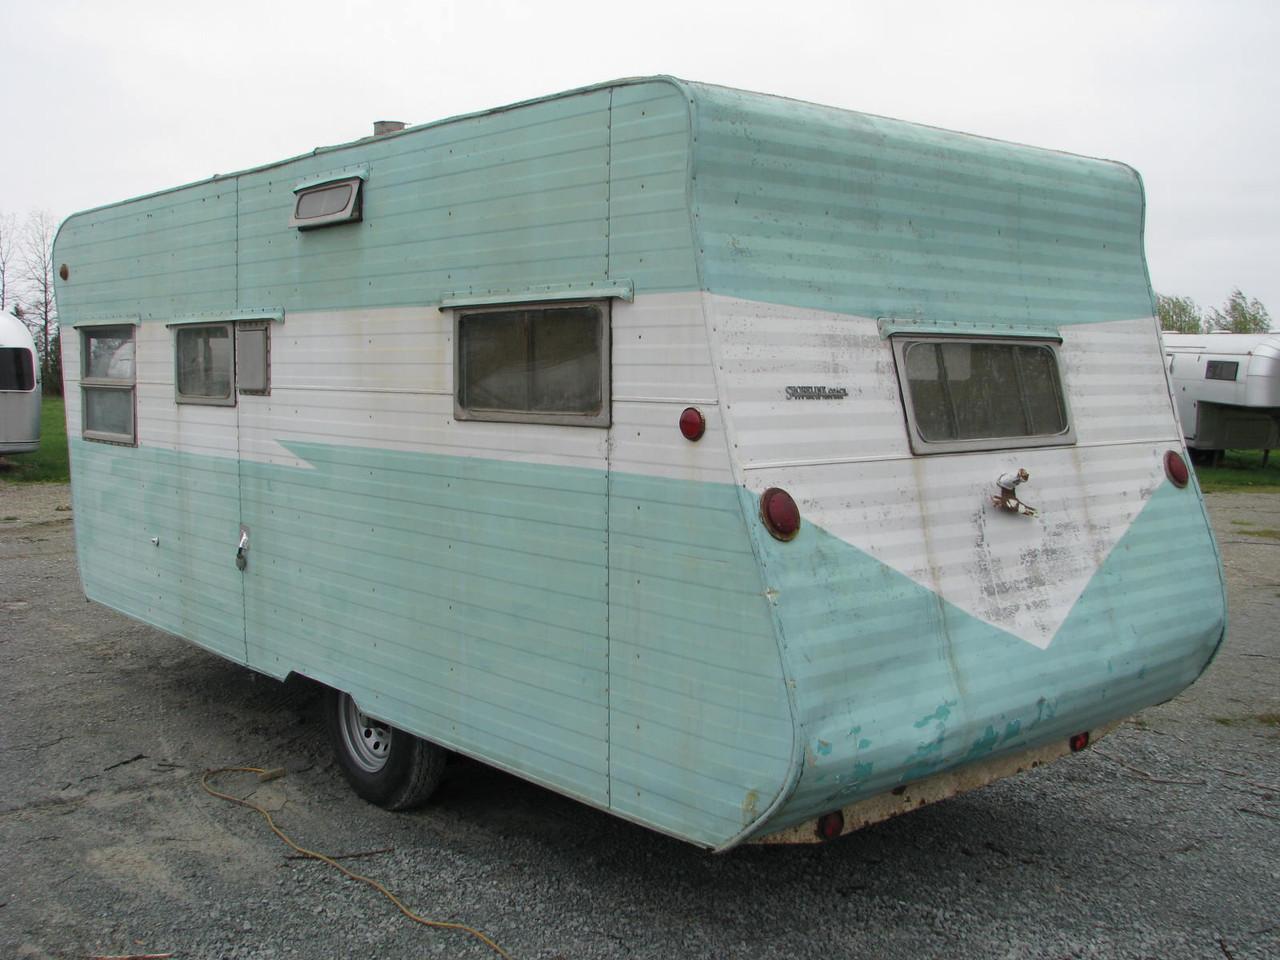 1957 Shoreline 20' Camper